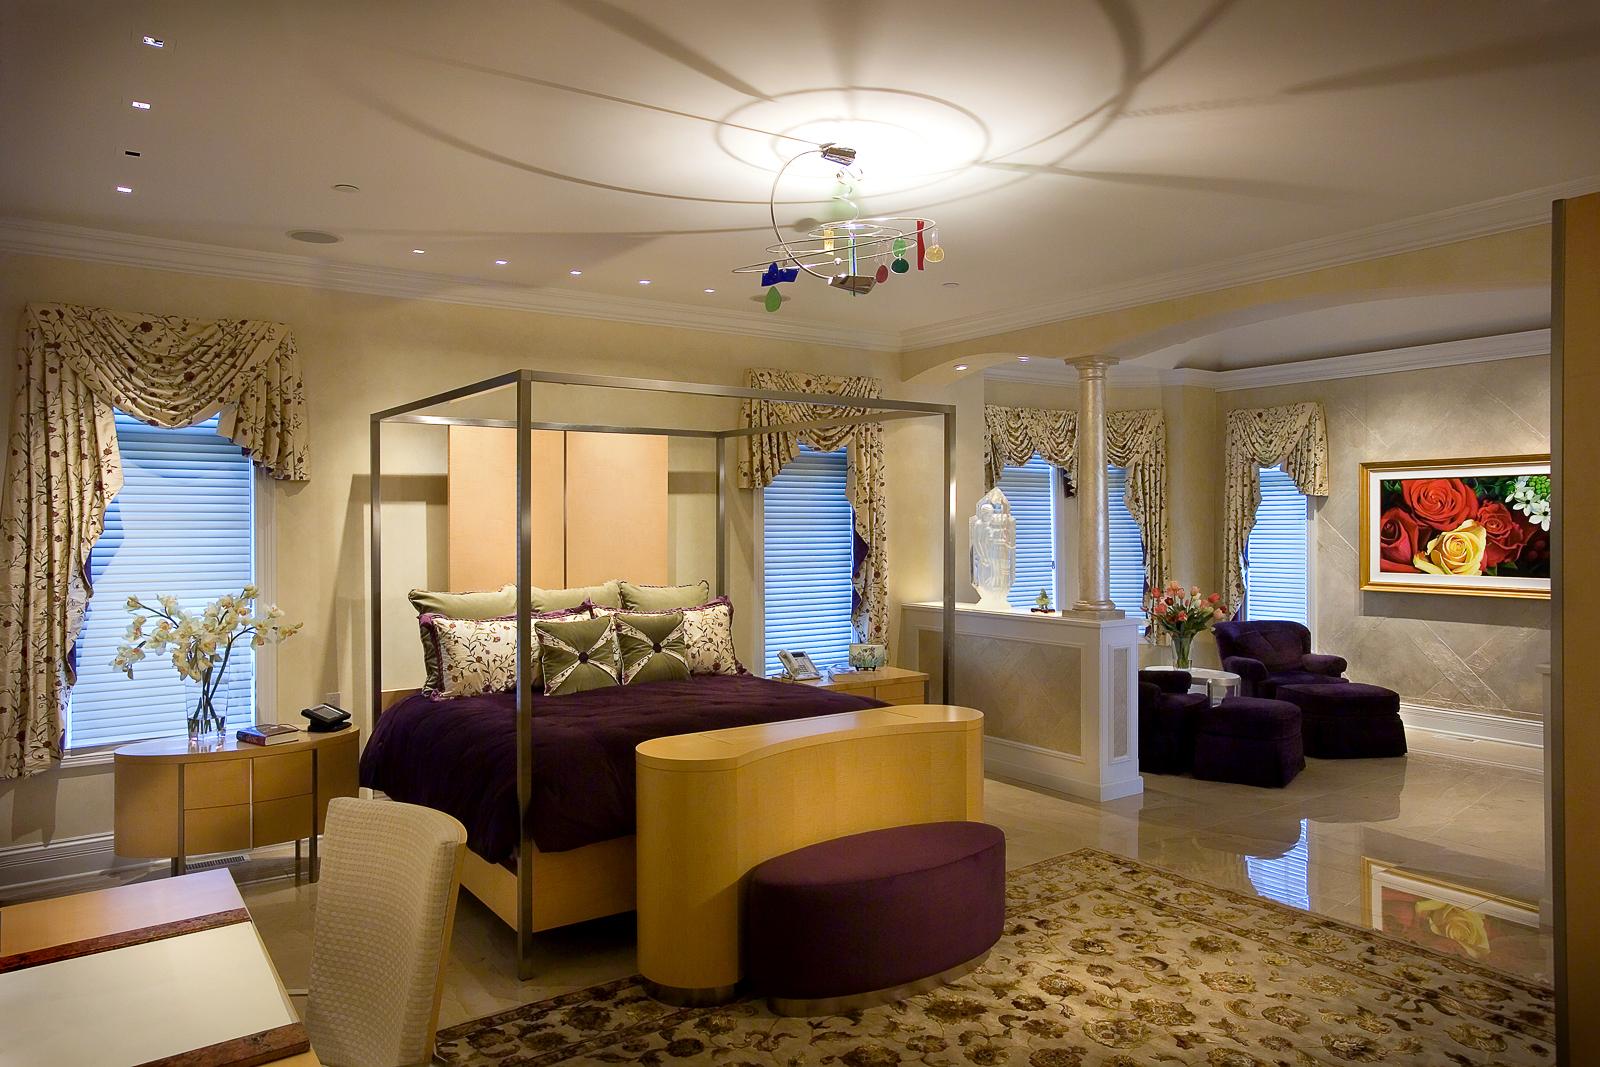 custom furniture, stone floors, area rug,